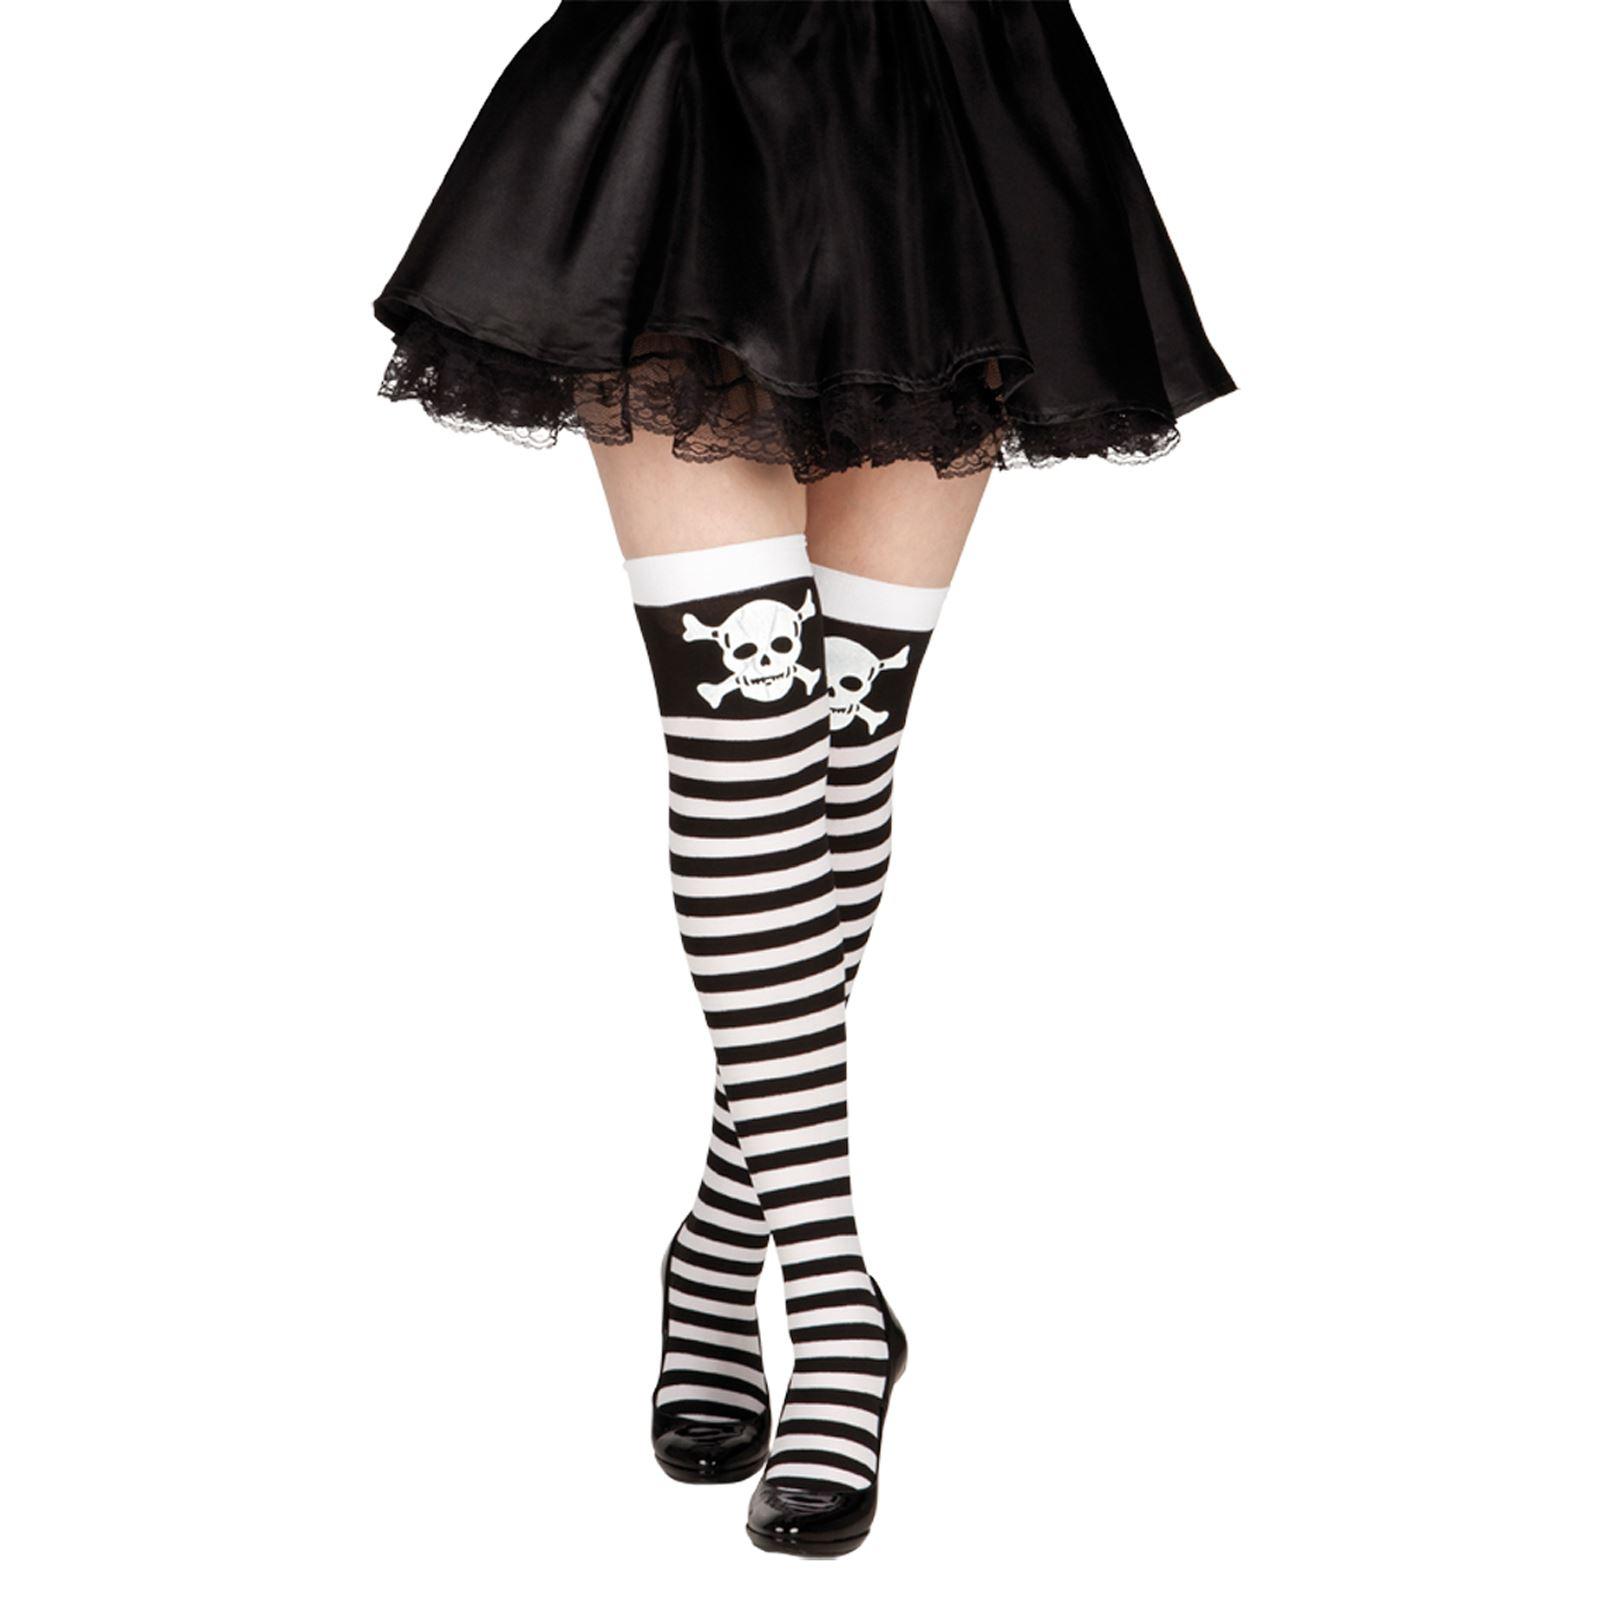 Costume//Nero Halloween Teschio E Ossa Incrociate Collant Calze Taglia Unica Nuovo con Etichetta